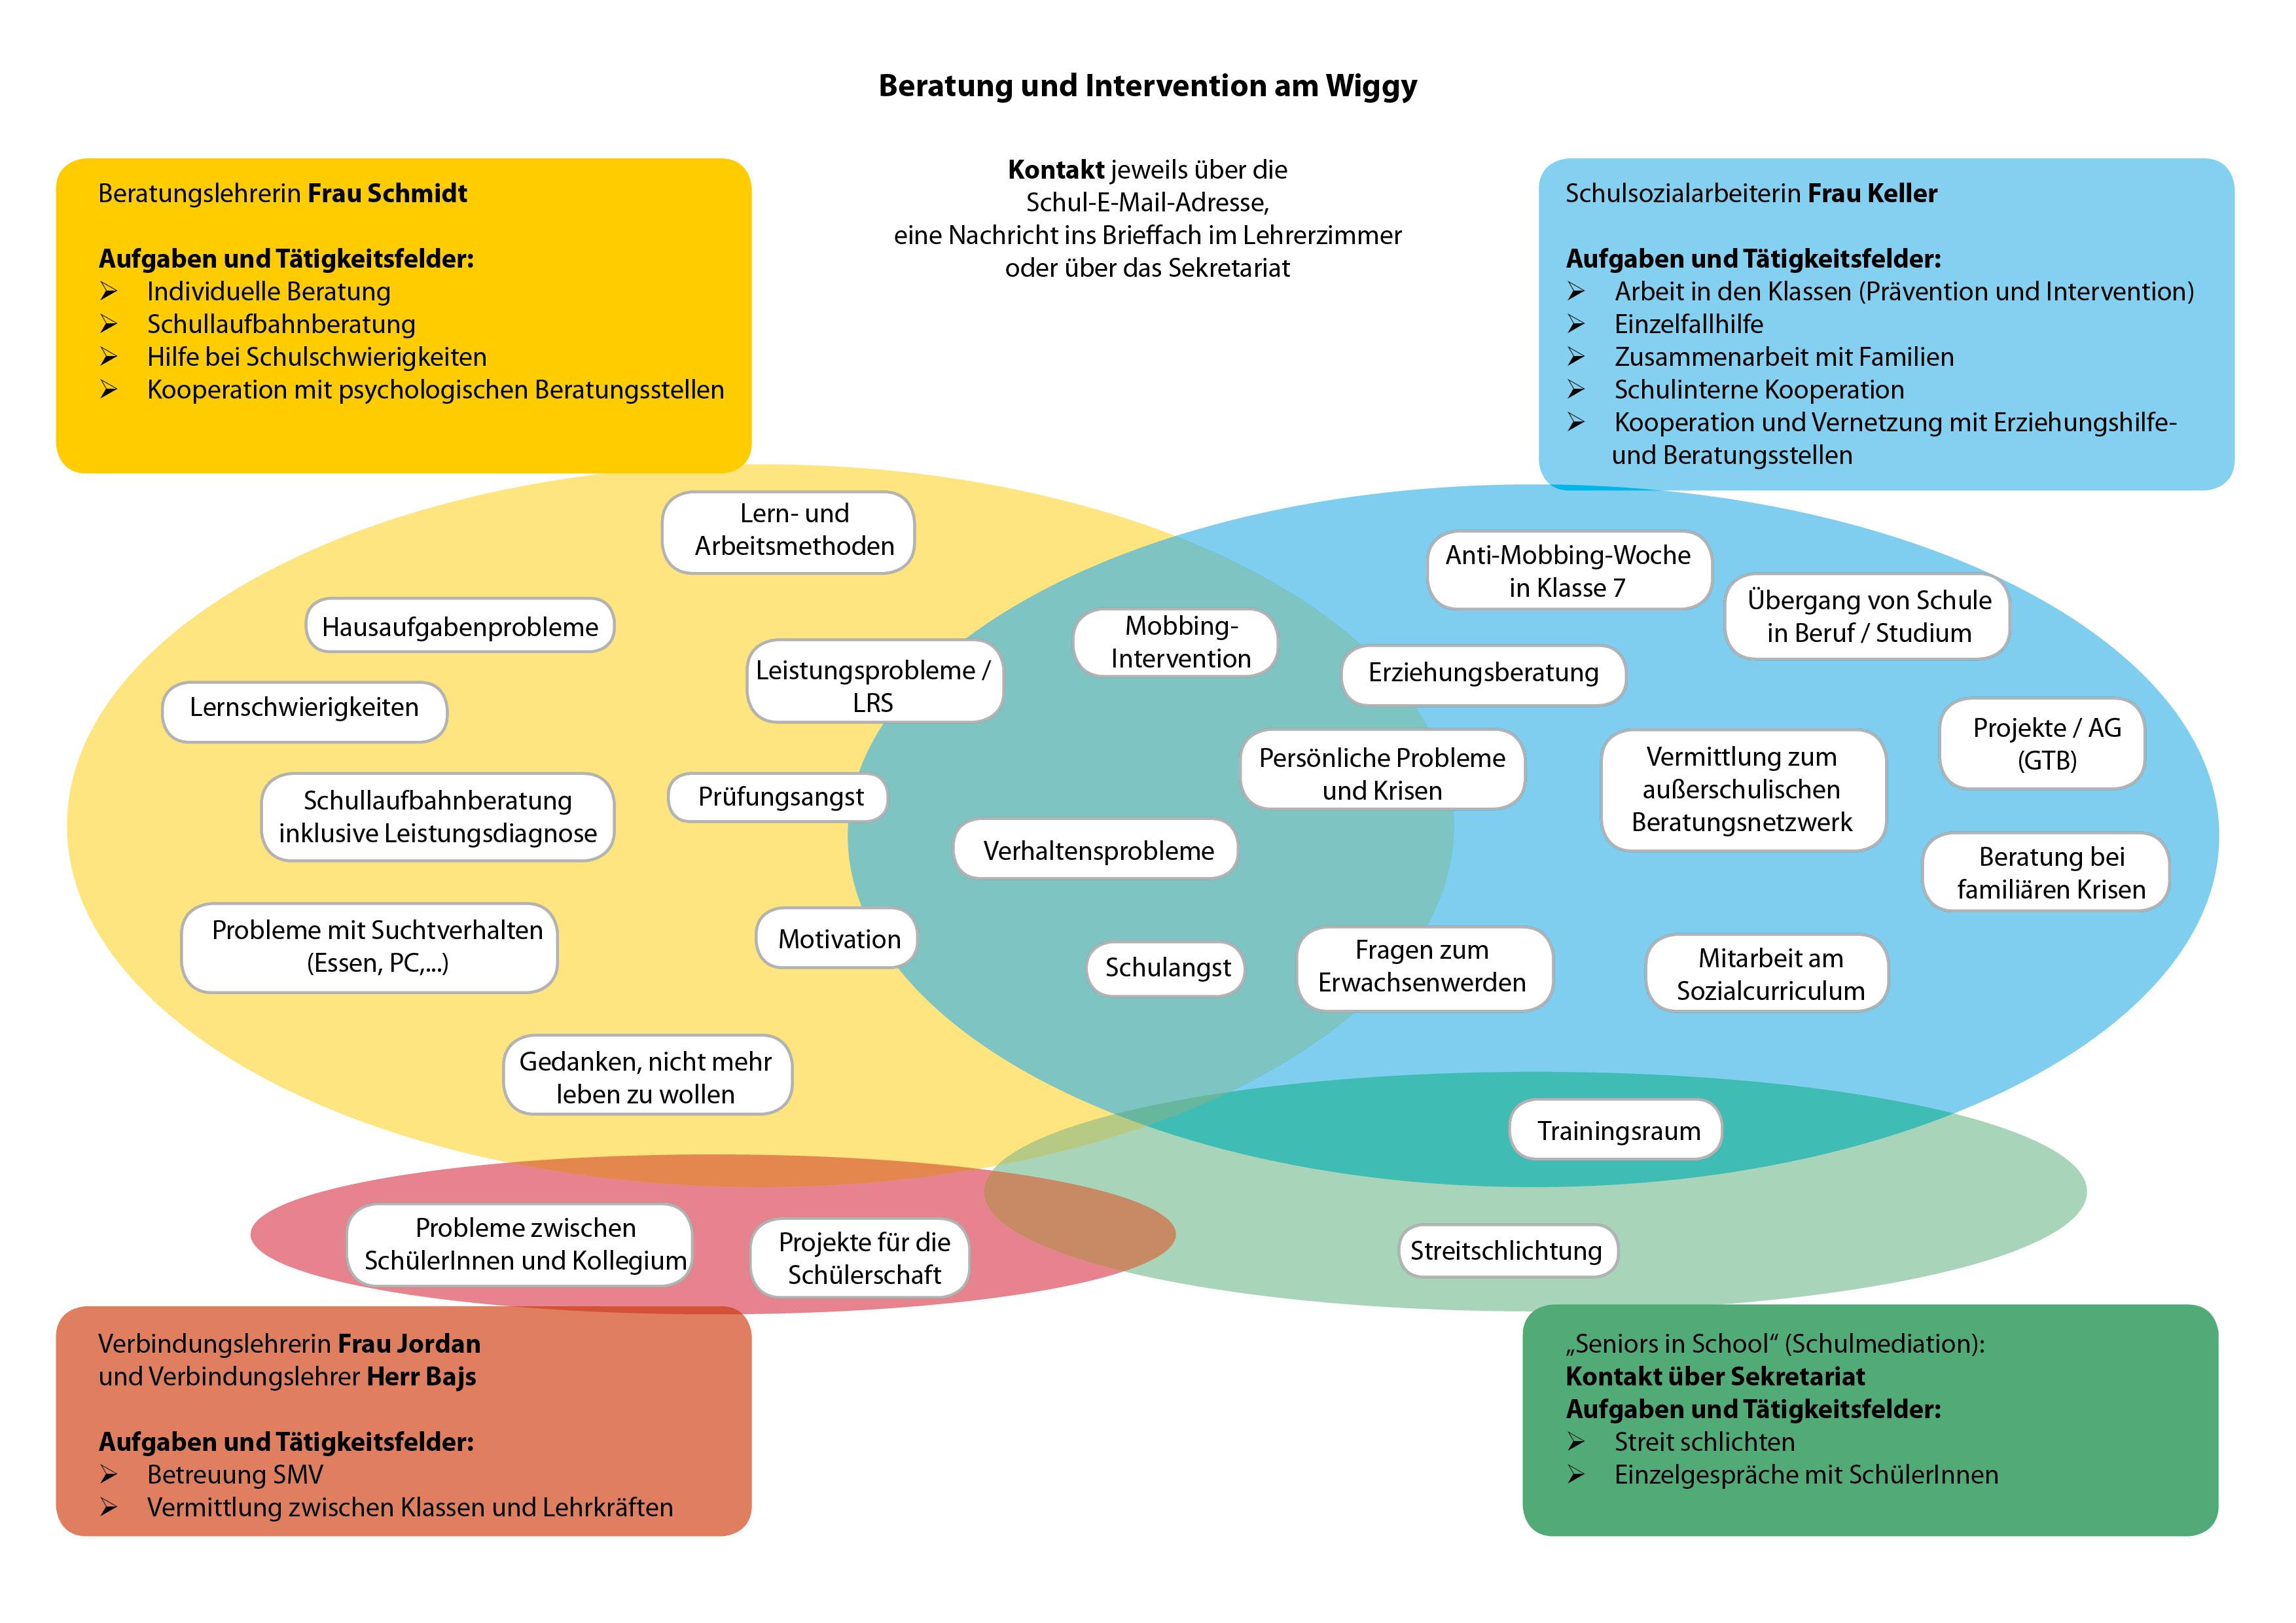 Beratung und Intervention